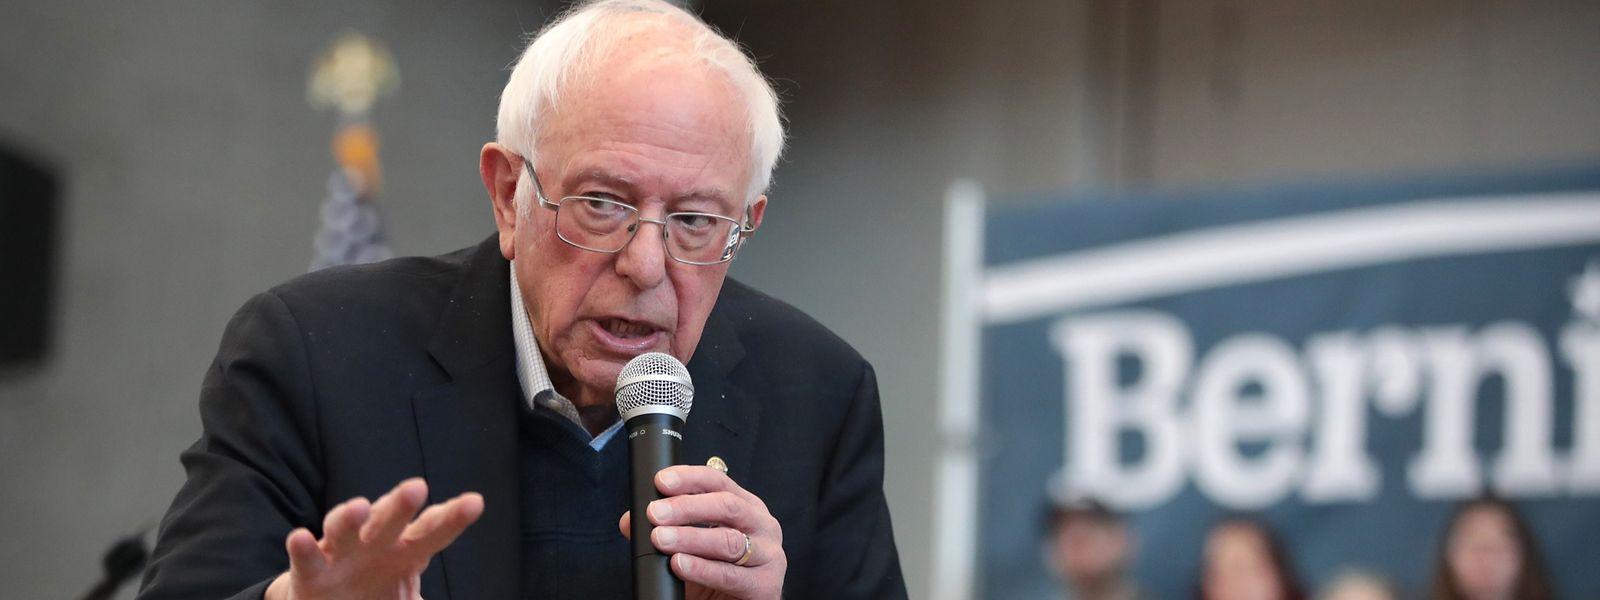 Bernie Sanders liegt in den Umfragen über die demokratischen Präsidentschaftsbewerber vorne.